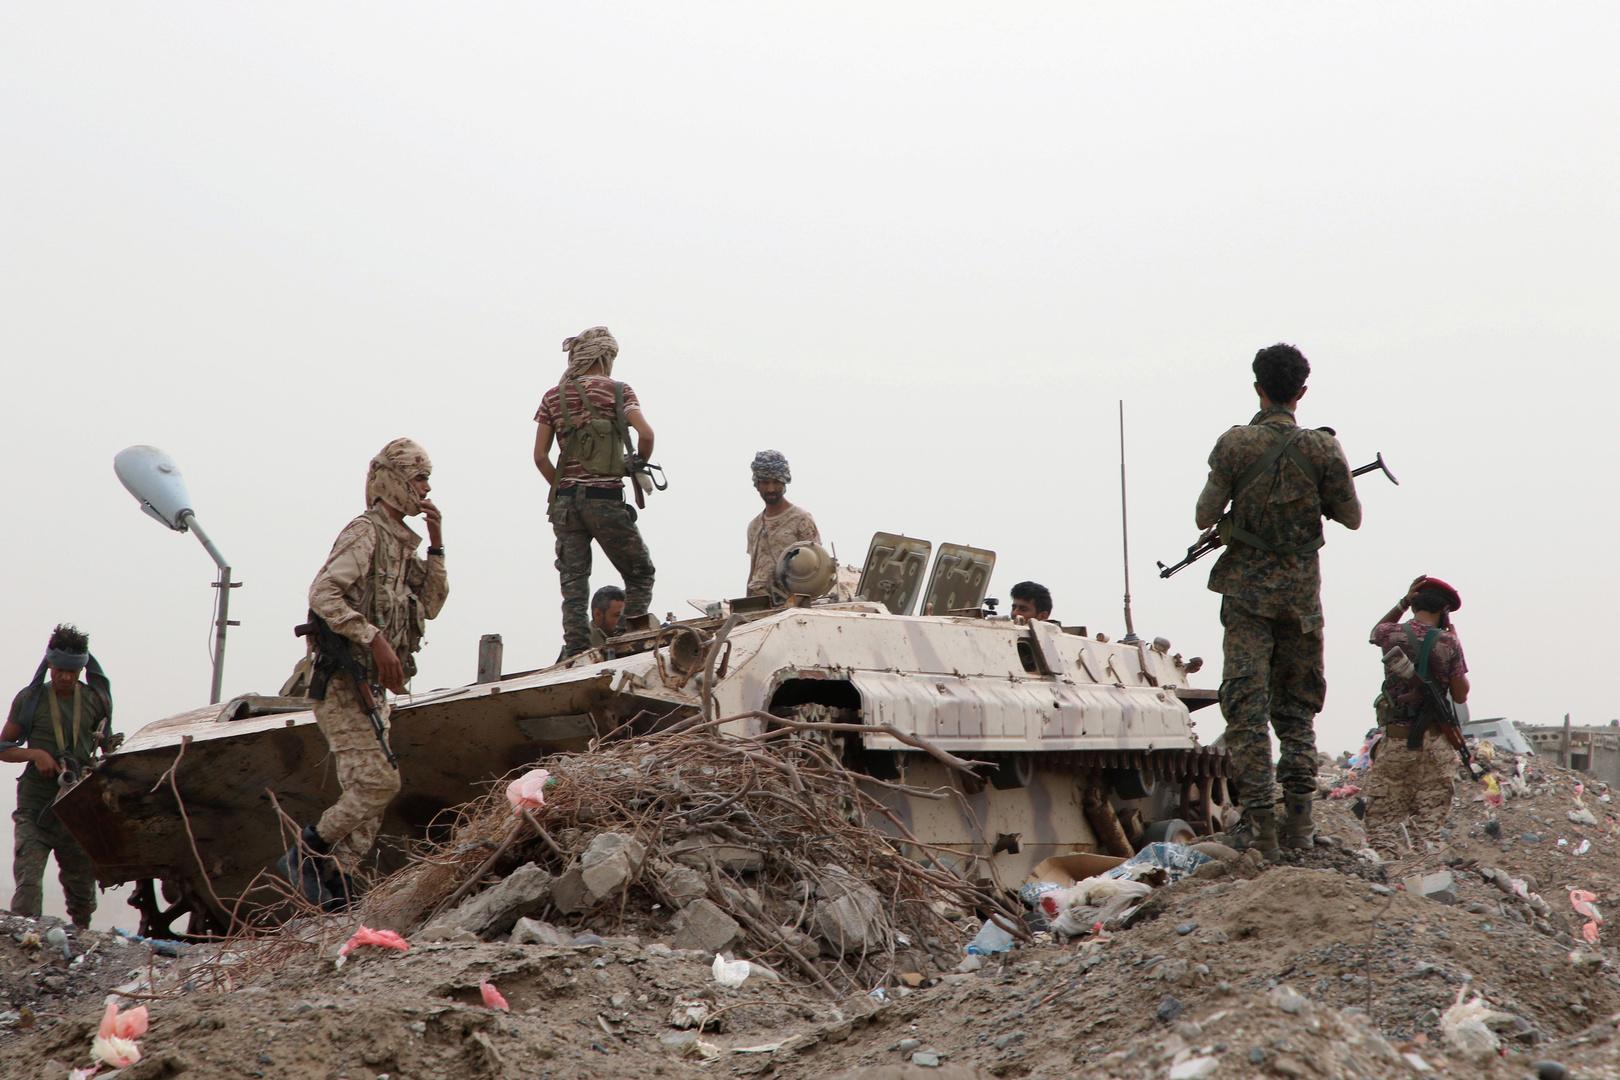 عناصر من قوات المجلس الانتقالي الجنوبي في اليمن.